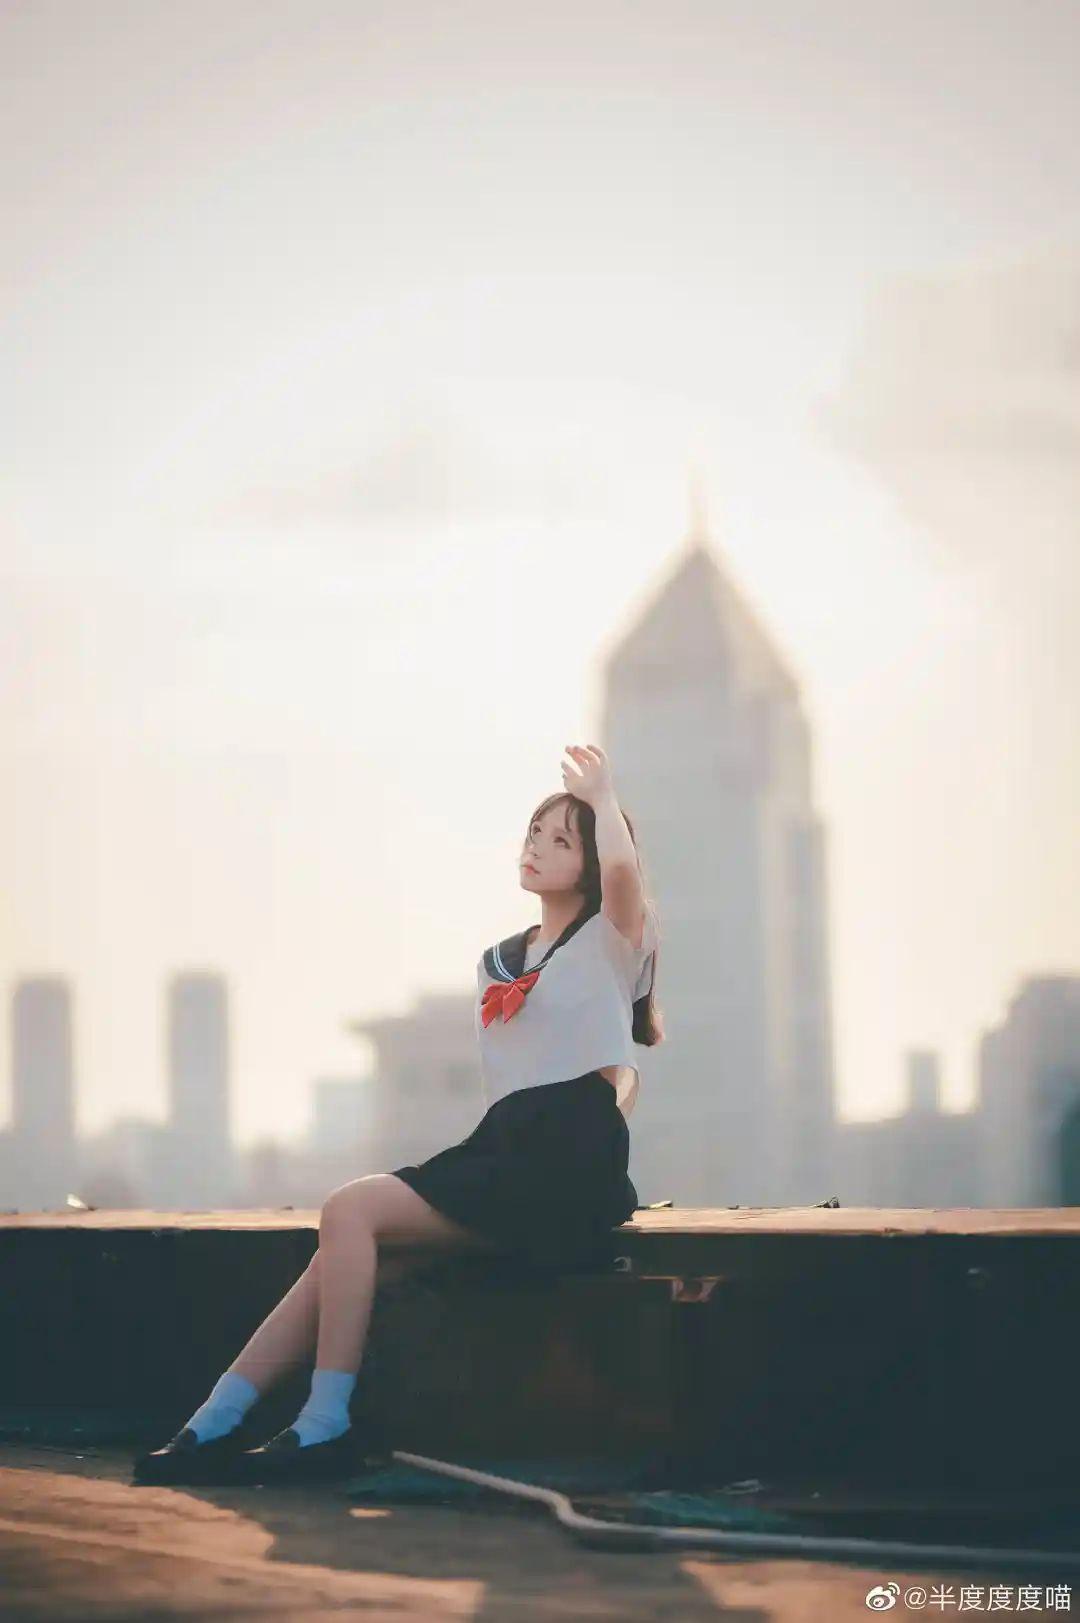 妹子摄影 – 元气JK制服少女,站在天台眺望高楼和朝阳_图片 No.8